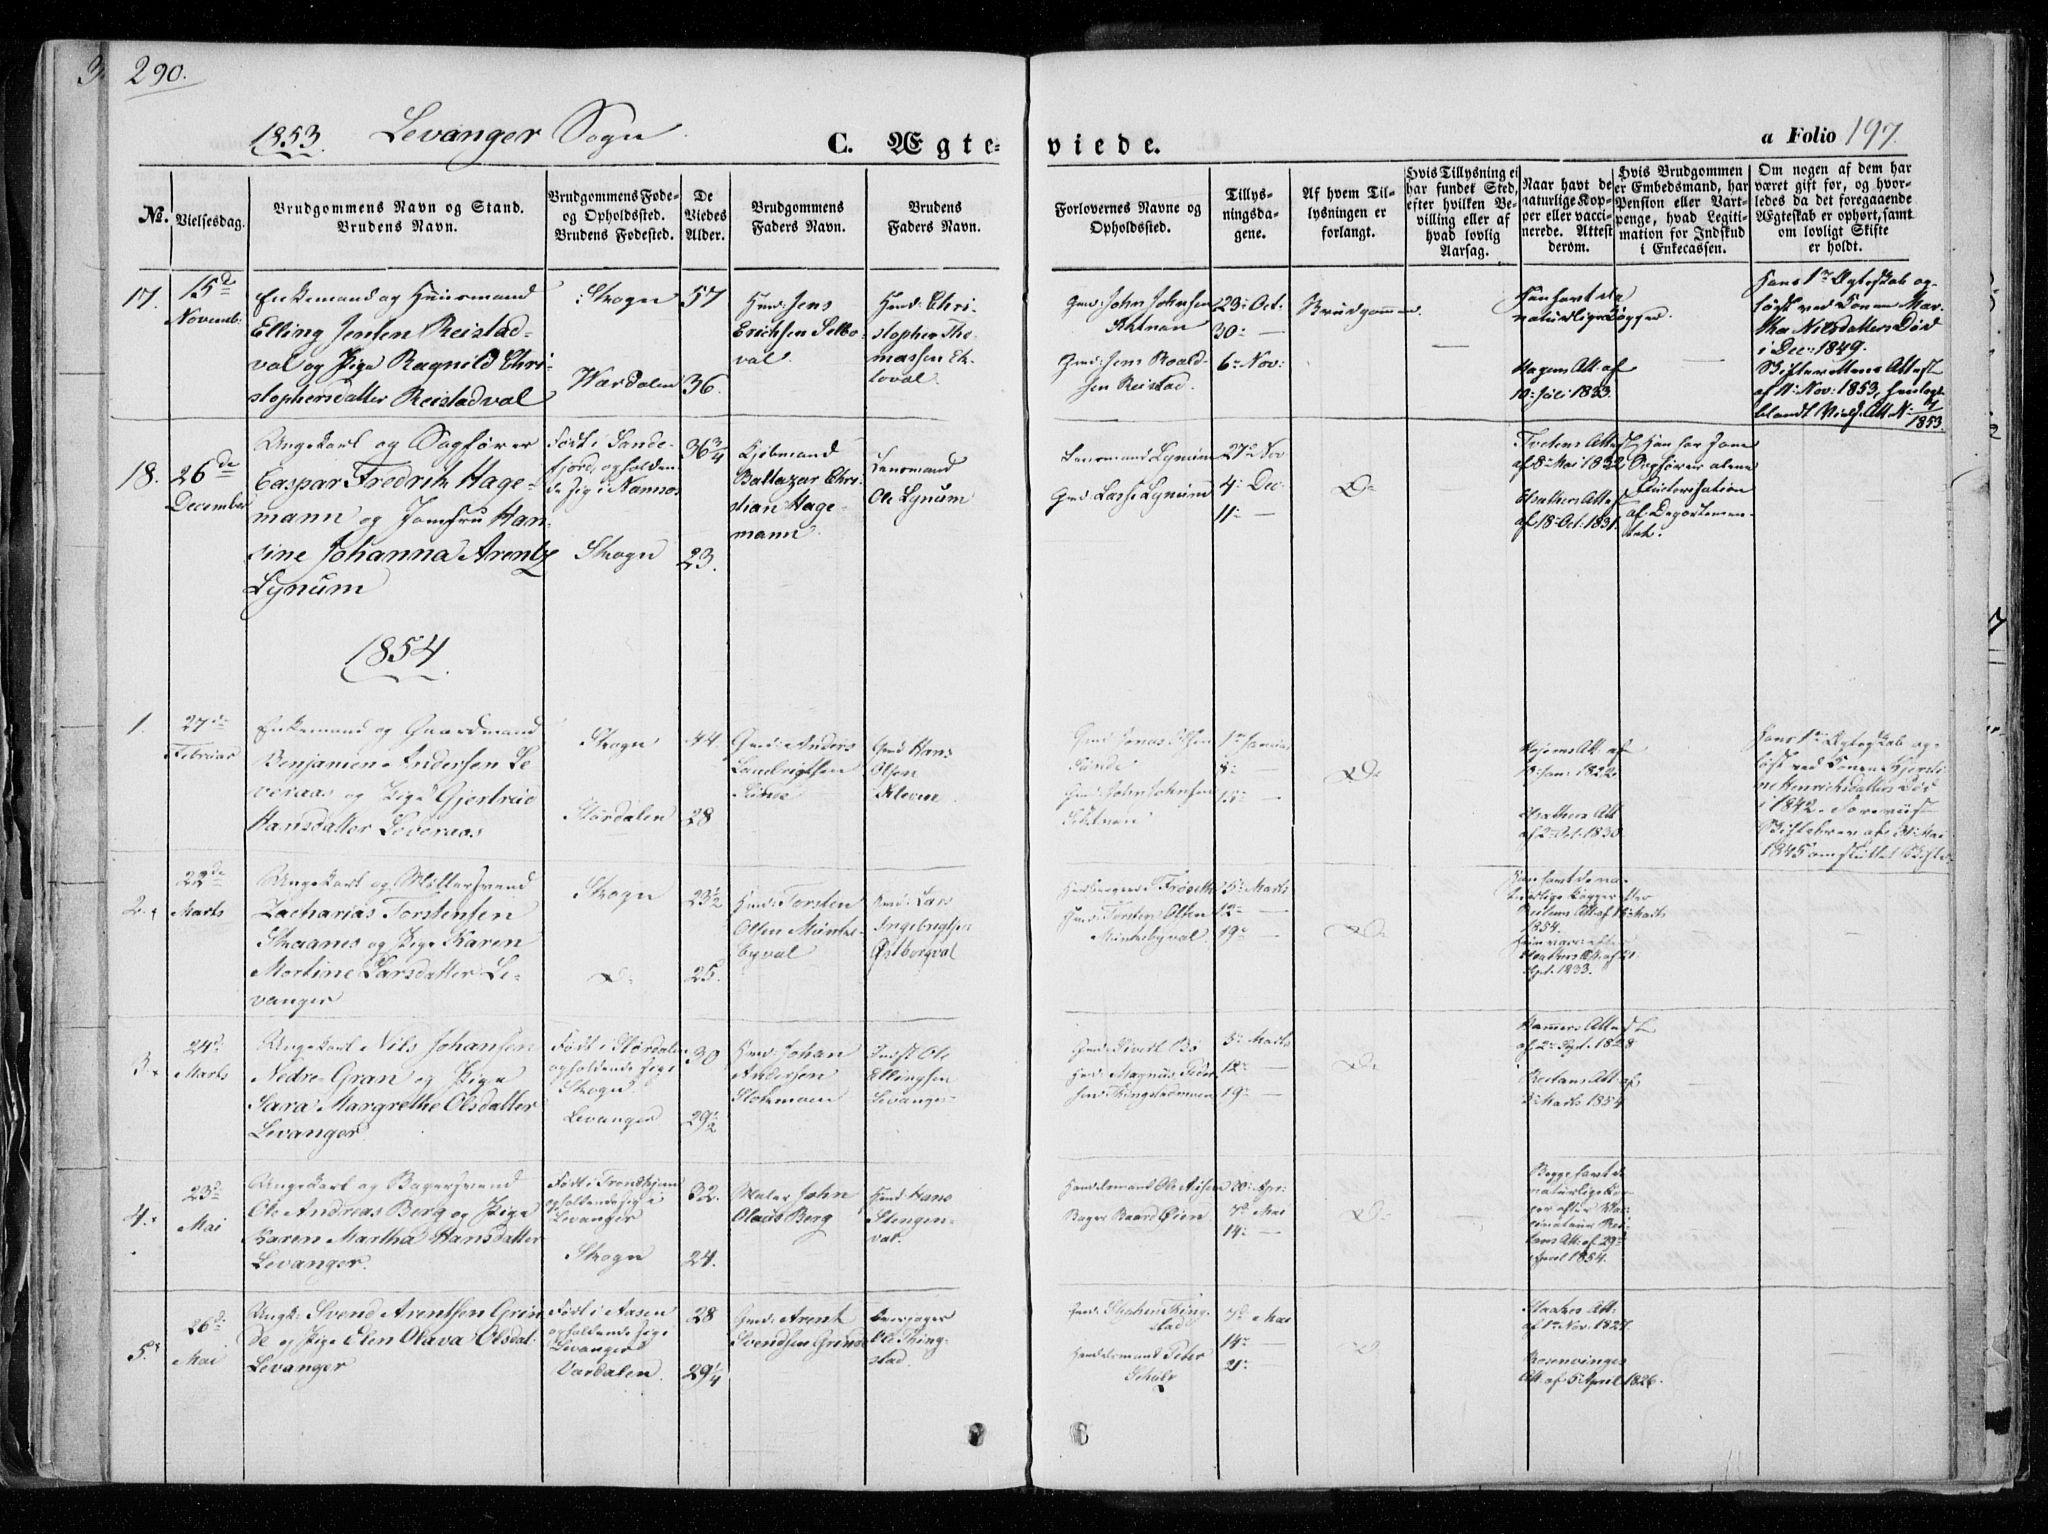 SAT, Ministerialprotokoller, klokkerbøker og fødselsregistre - Nord-Trøndelag, 720/L0183: Ministerialbok nr. 720A01, 1836-1855, s. 197